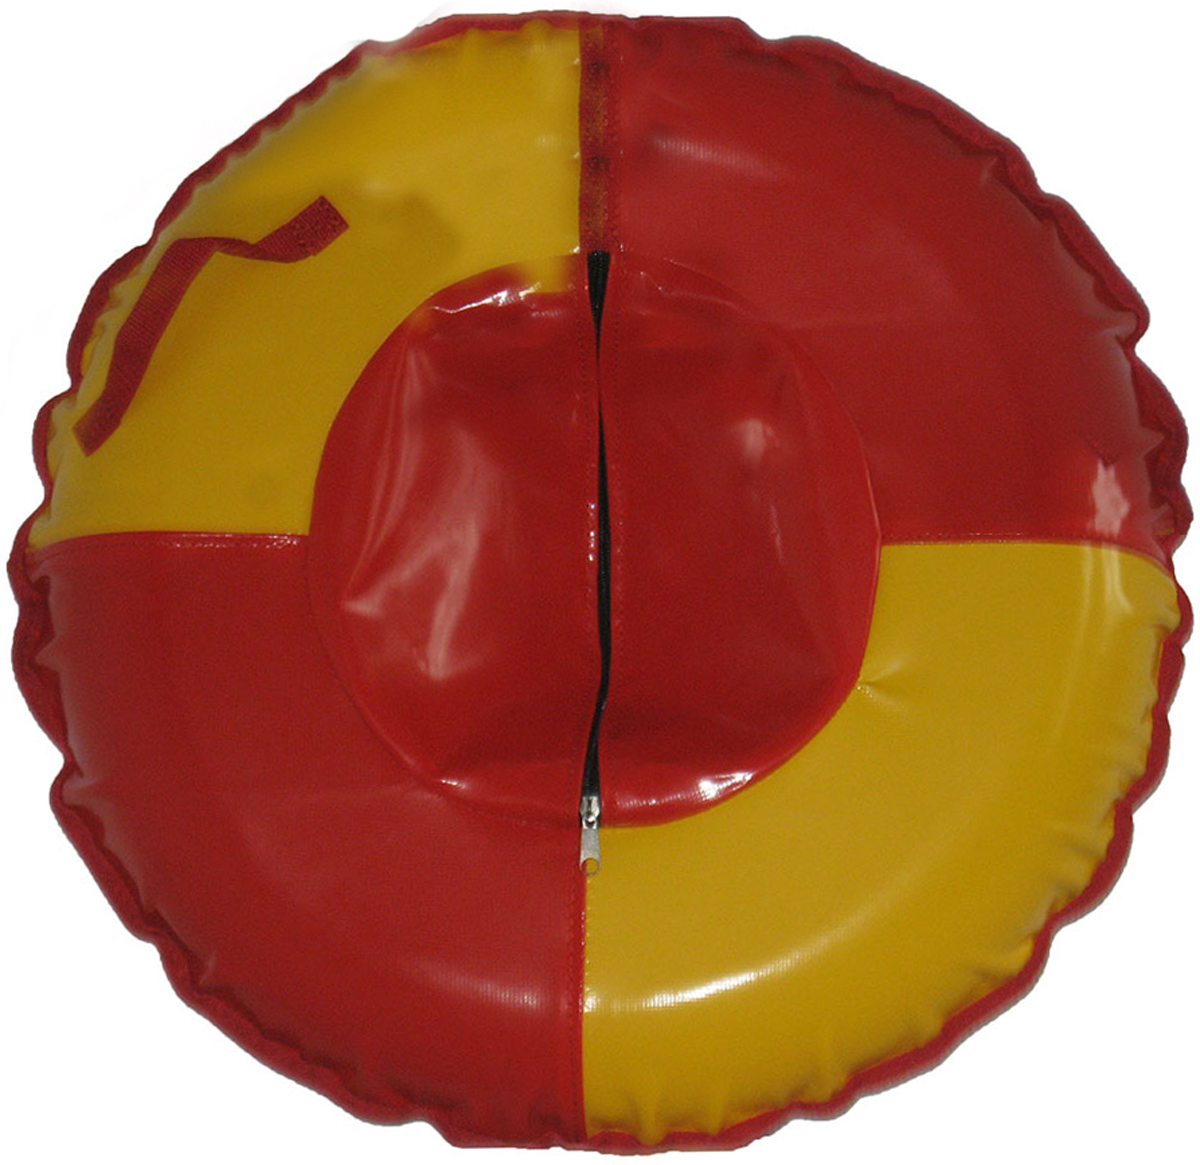 Тюбинг FormulaZima Вихрь, цвет: красный, желтый, диаметр 80 см тюбинг formulazima вихрь цвет черный оранжевый диаметр 100 см